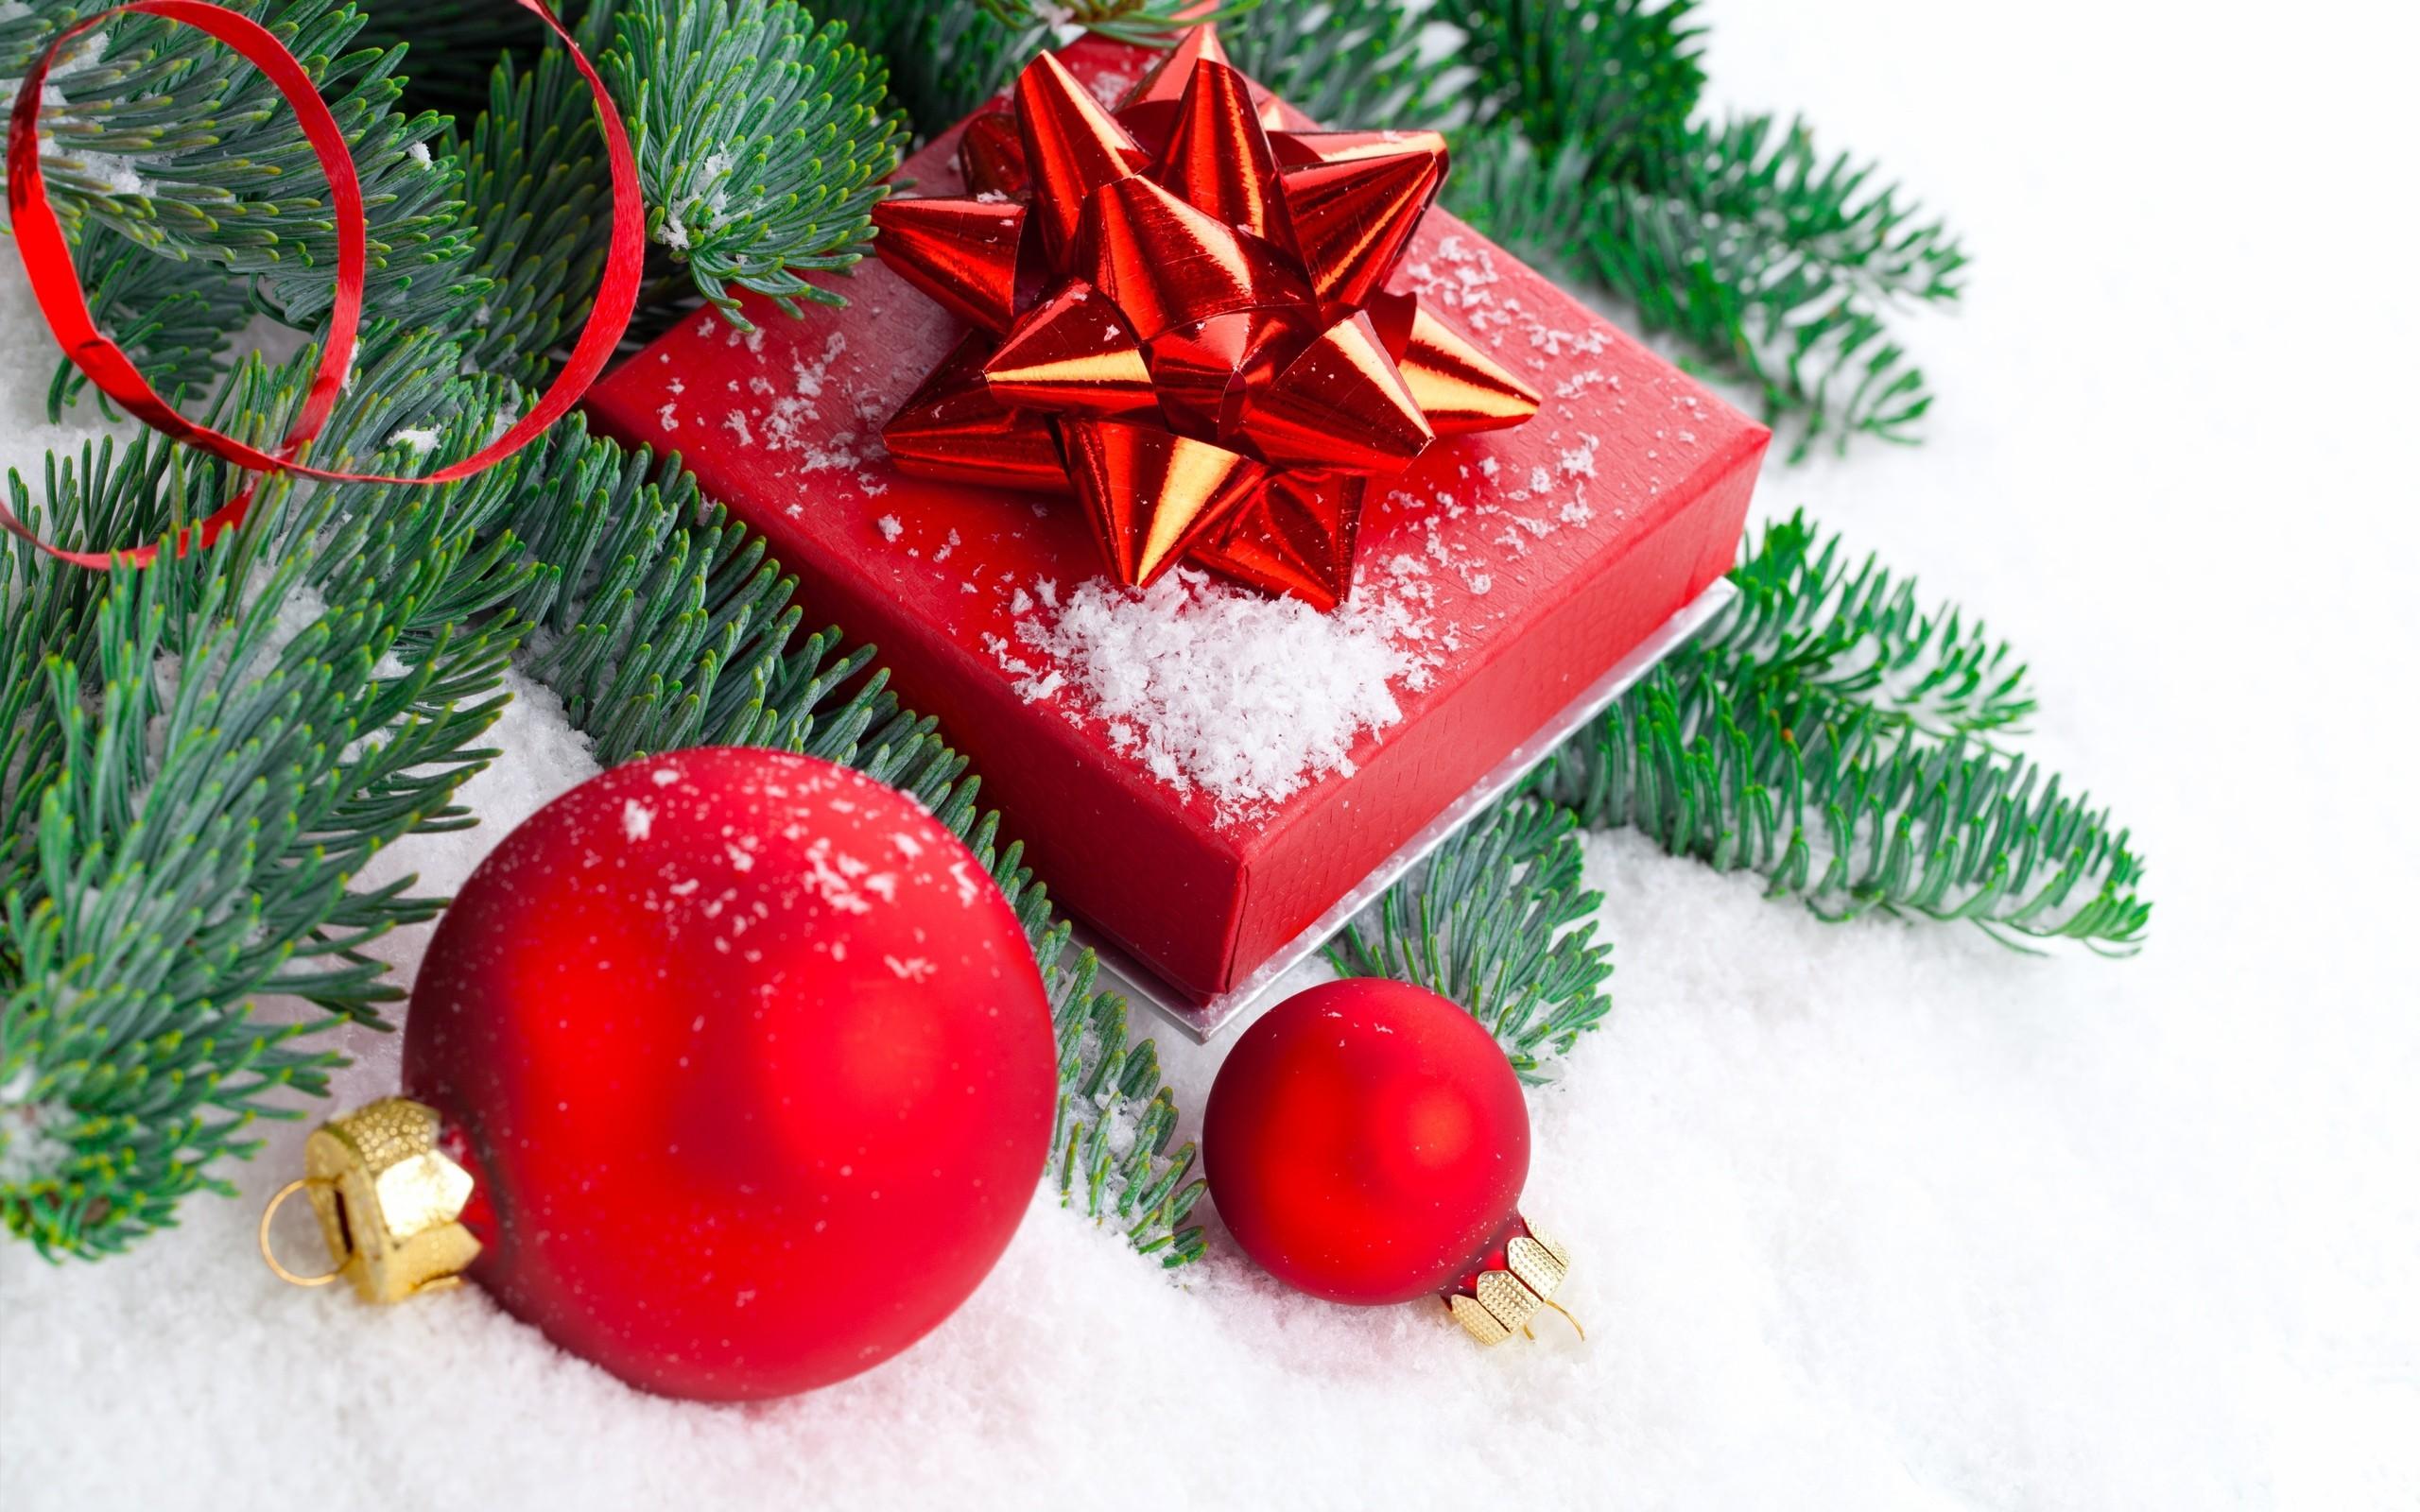 Regalos y navidad - 2560x1600